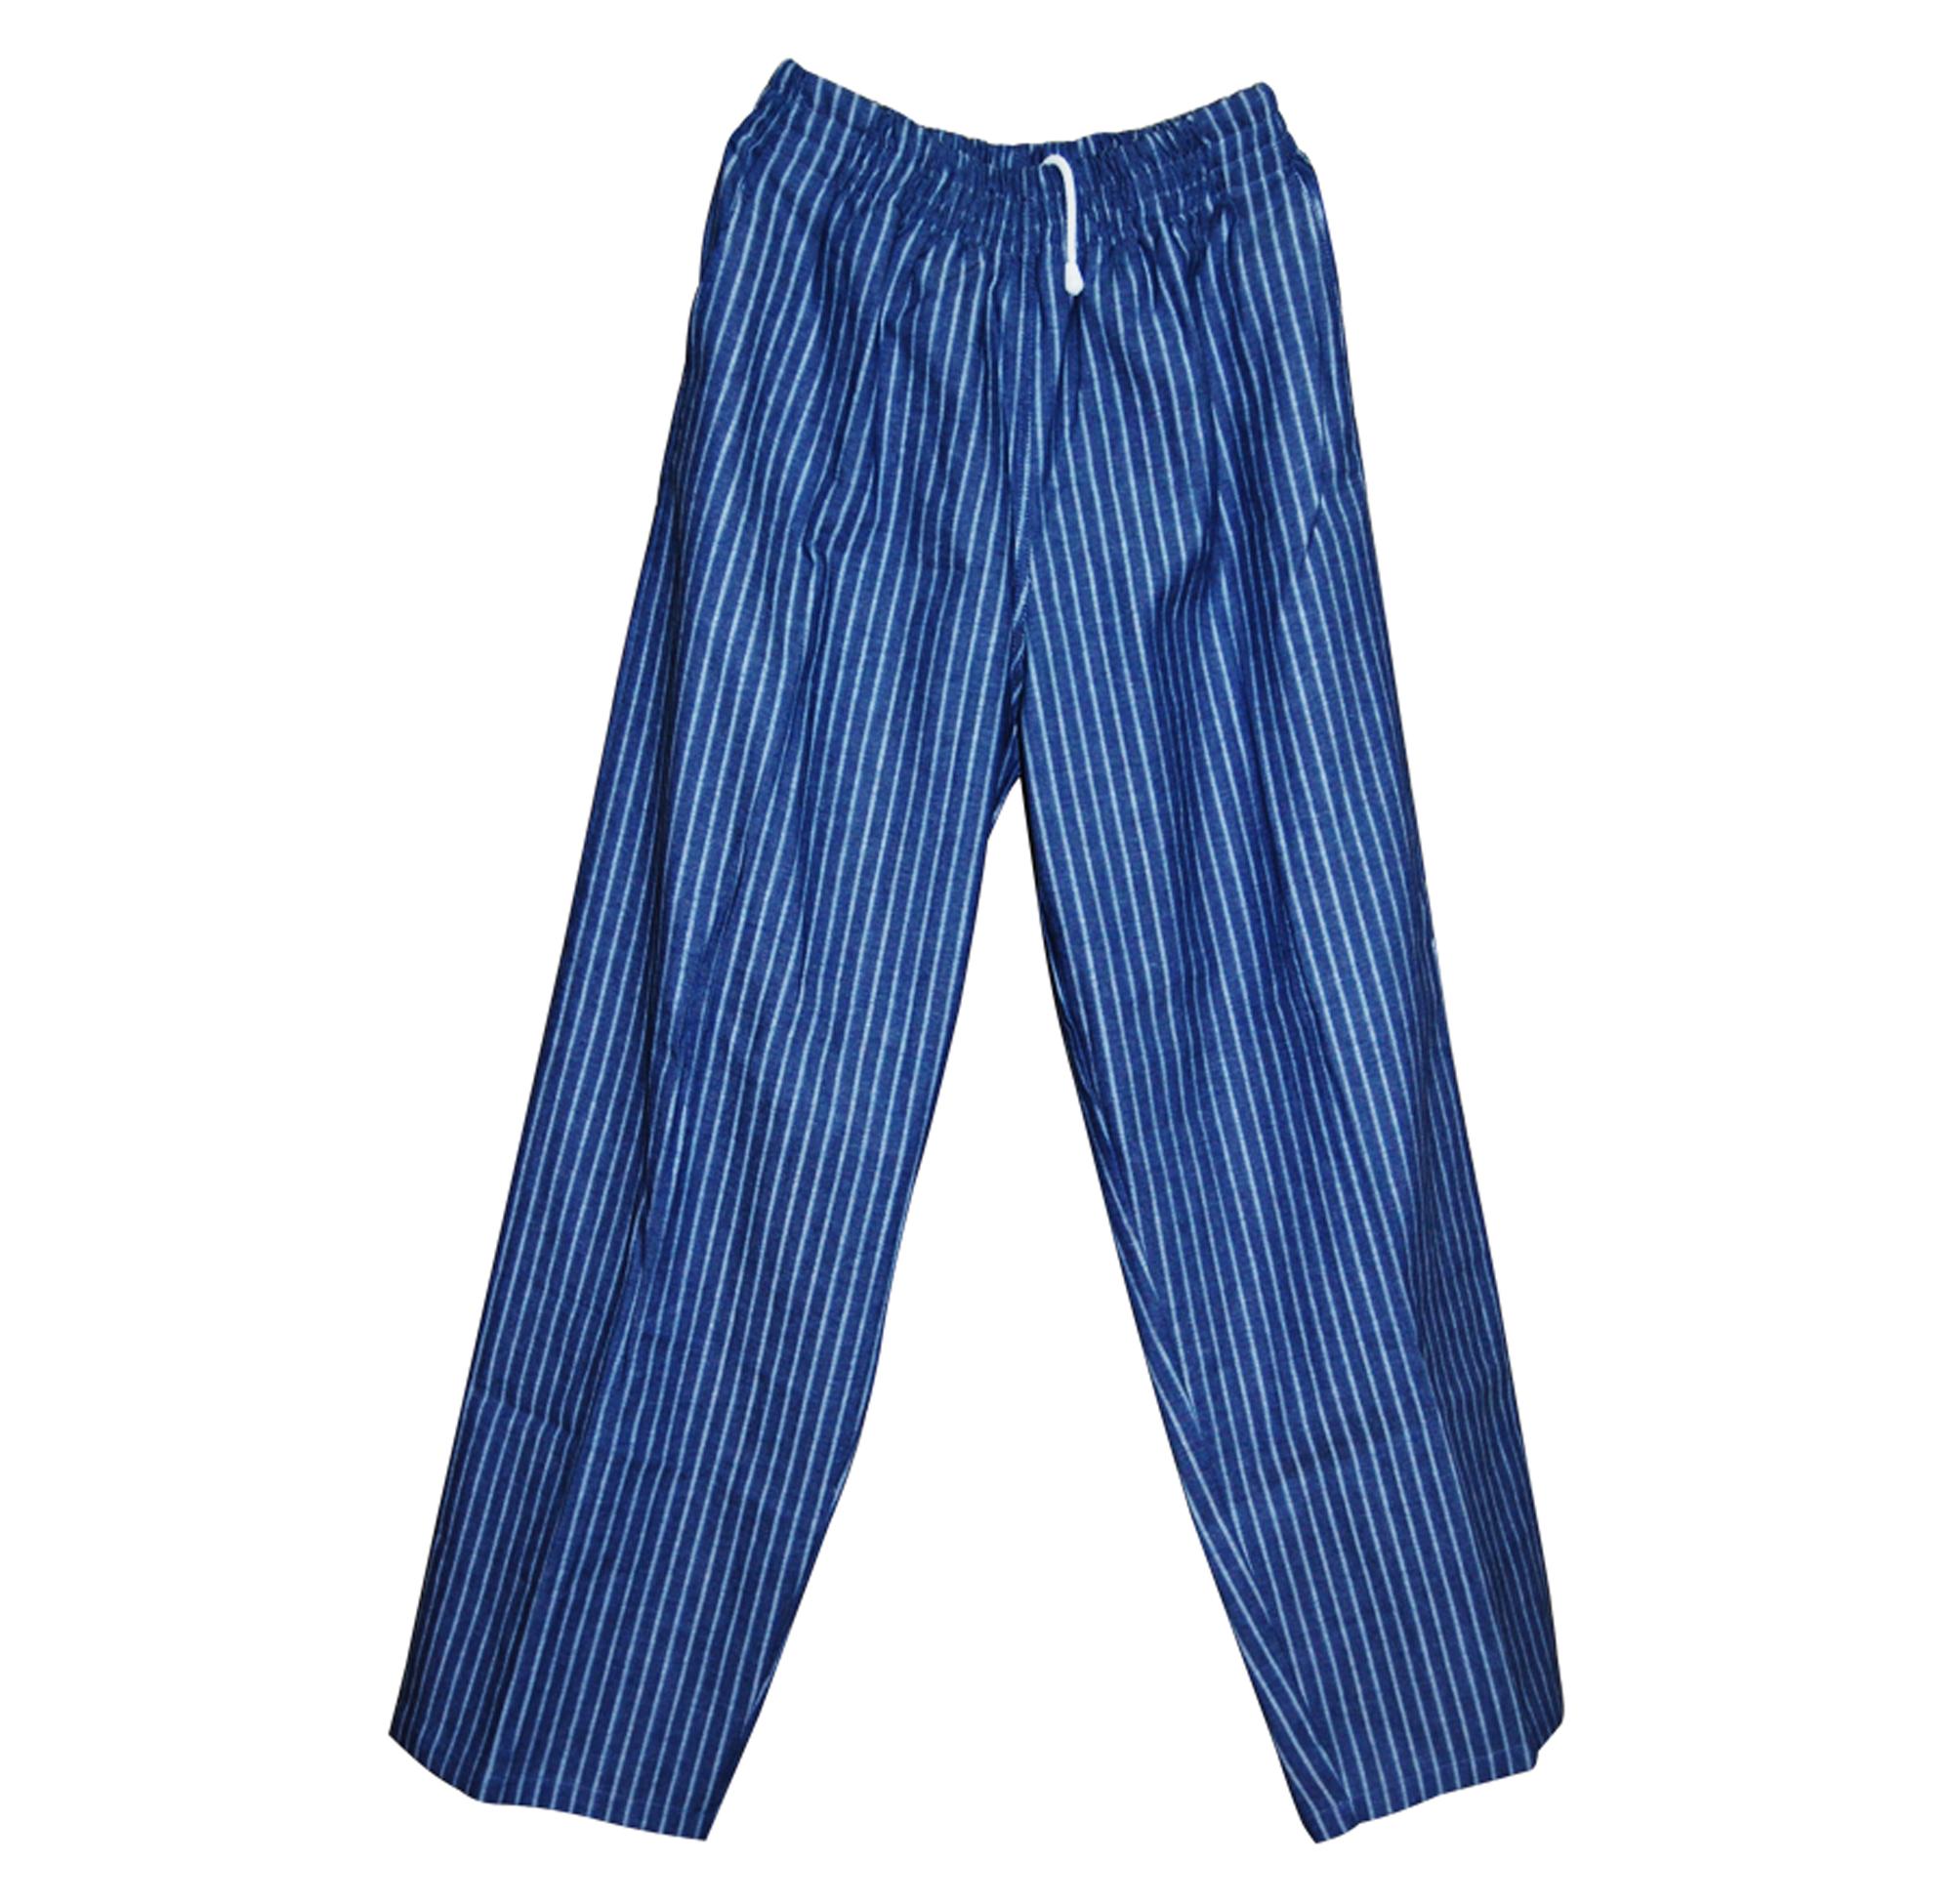 Pantalón Unisex Azul con